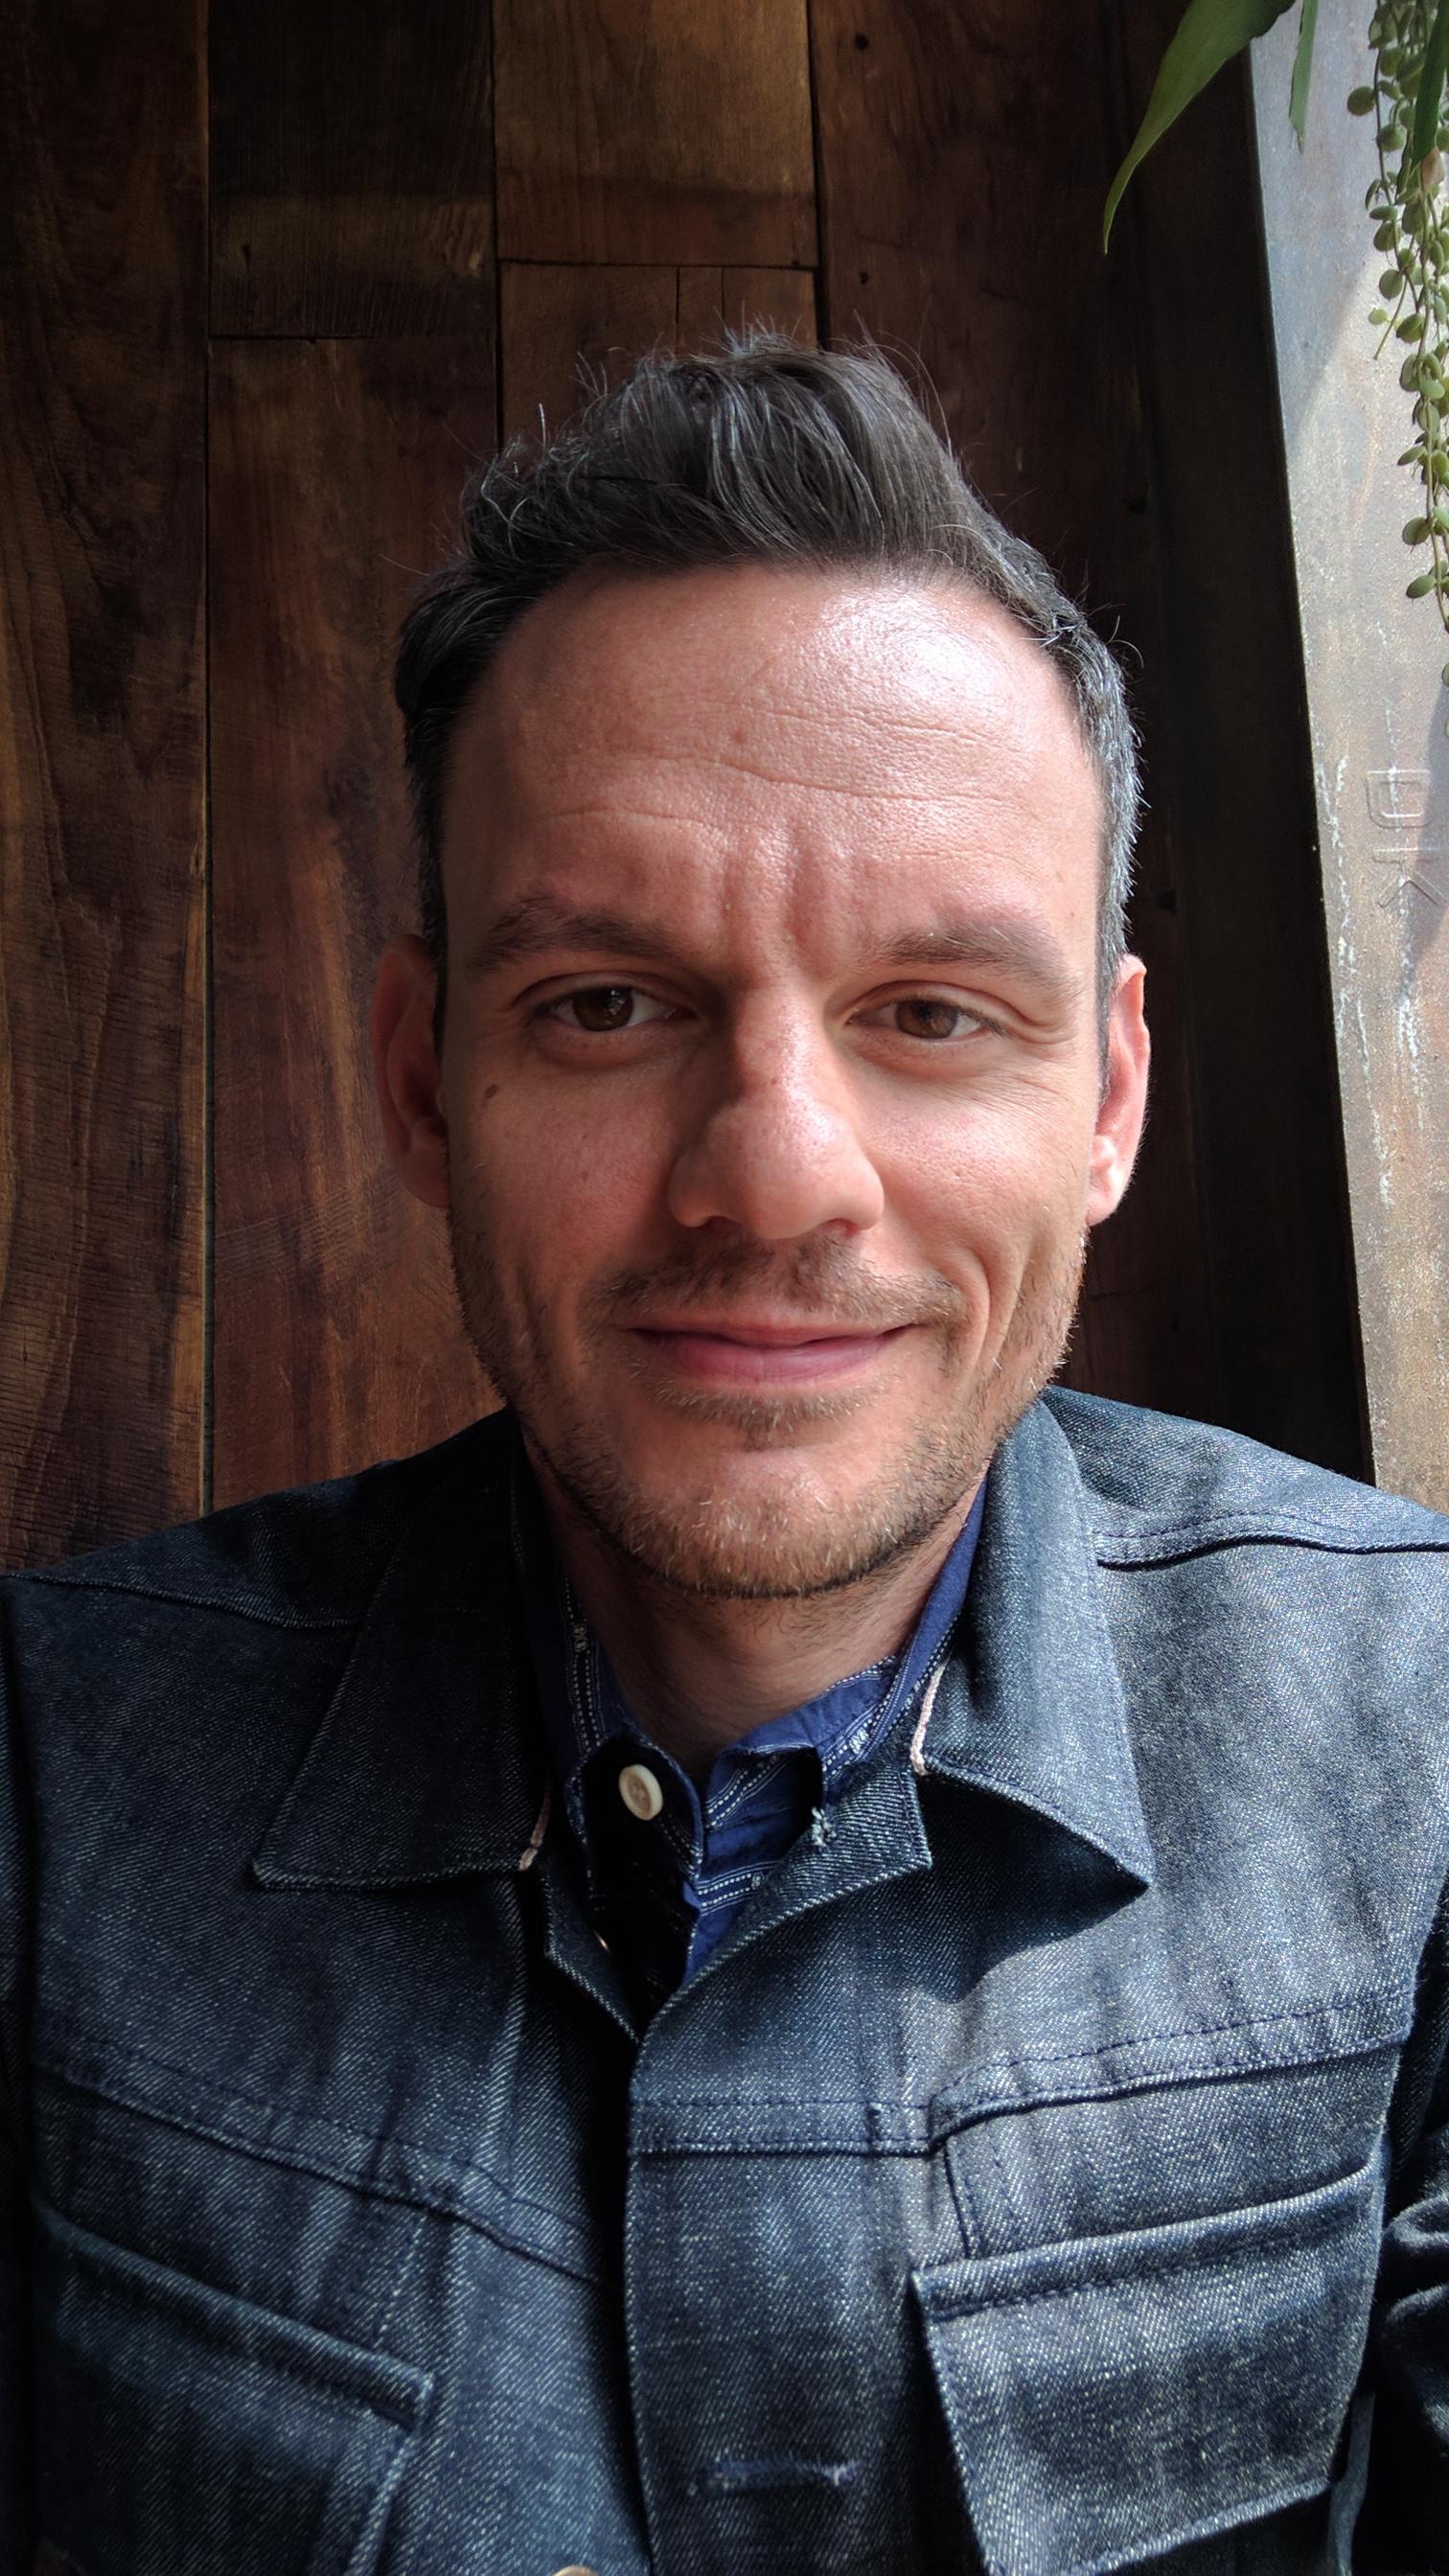 Dave Mastronadi